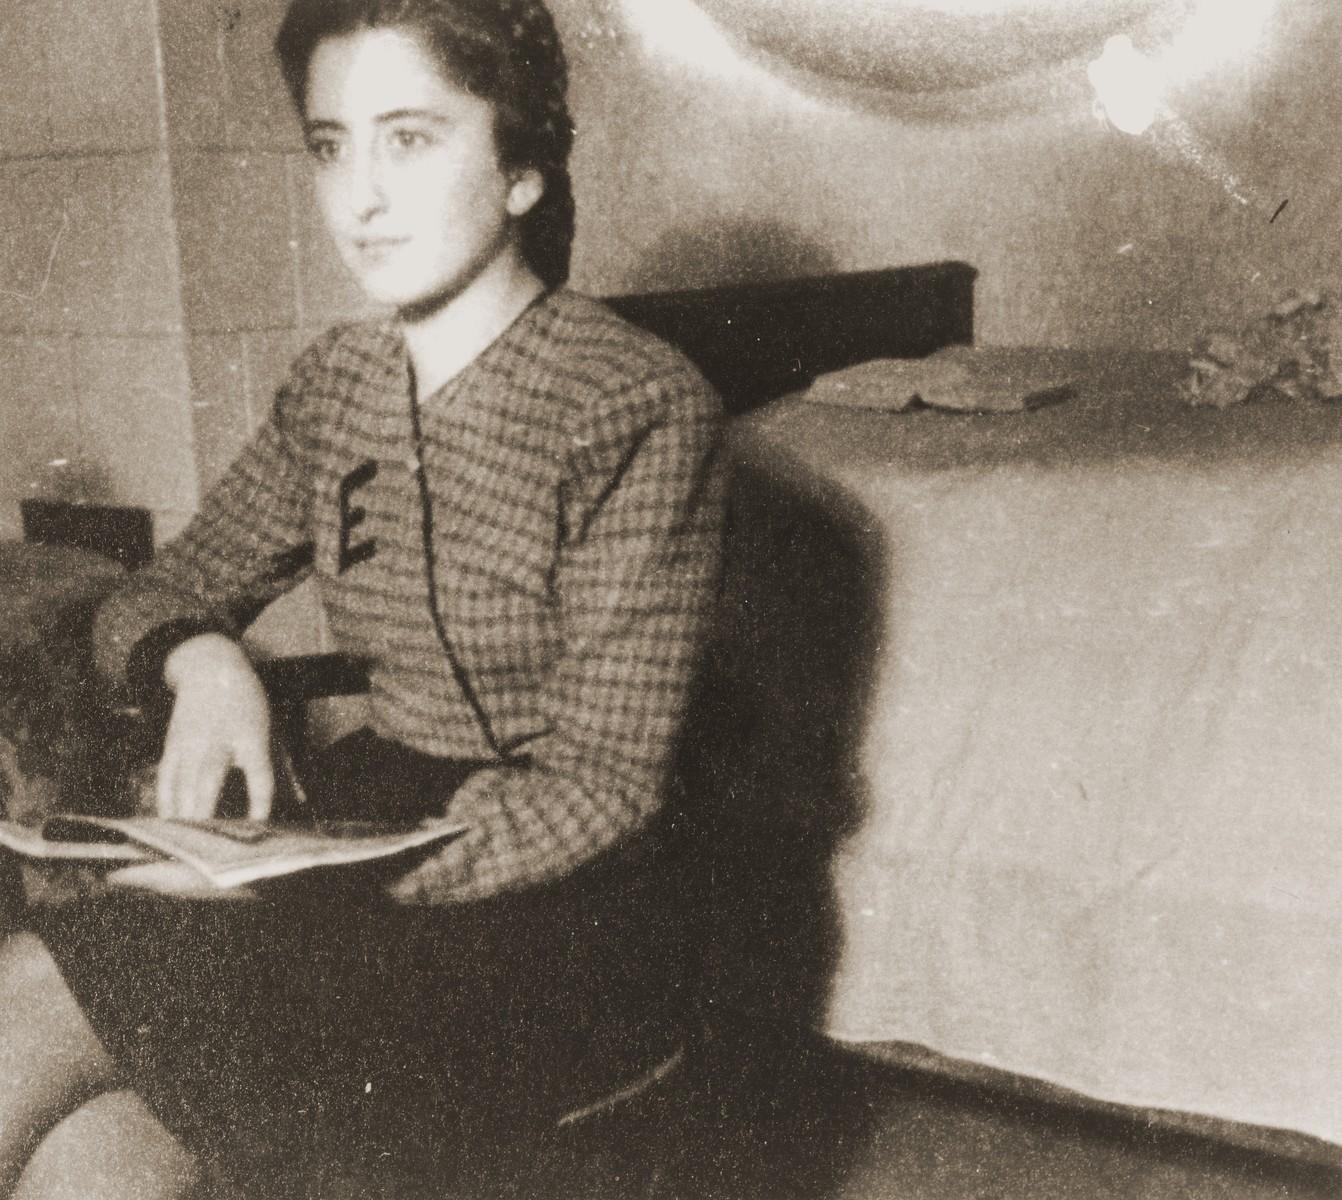 Erika Neuman reads a magazine in the Cernauti ghetto.